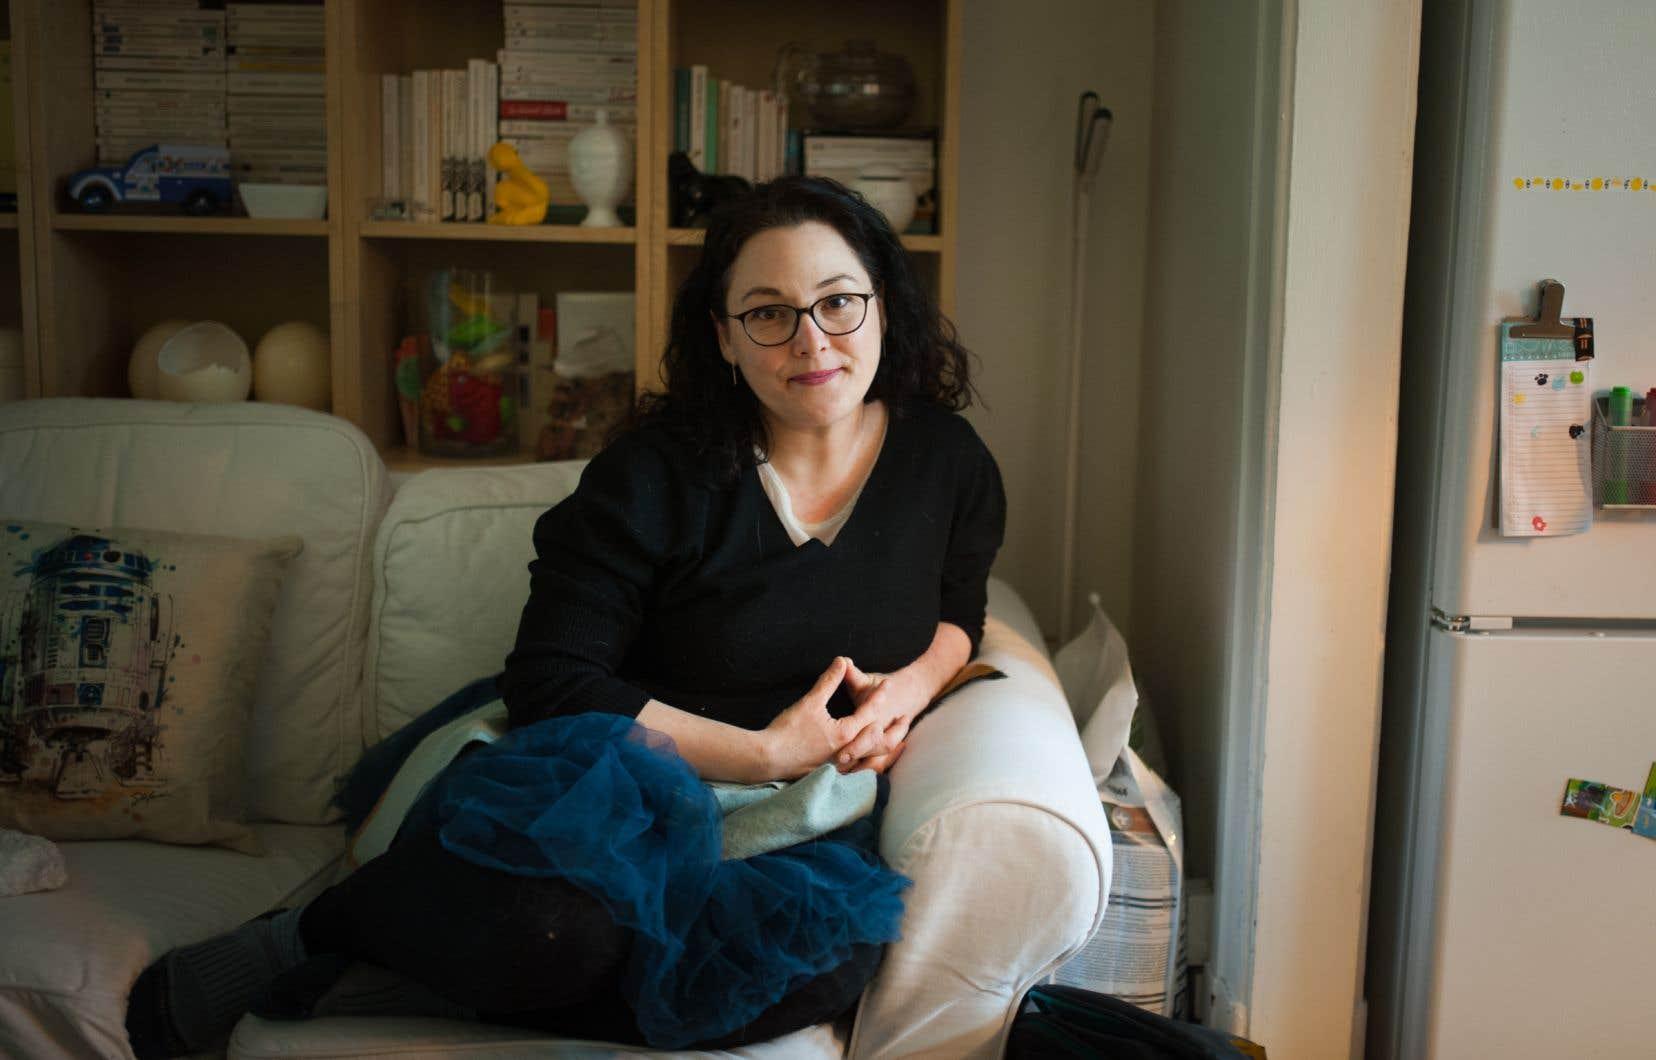 «J'ai de l'aide pour avoir une meilleure cohérence dans mes études», explique Sandra Doyon, qui a reçu un diagnostic de TDAH après un retour aux études en communication à l'UQAM.